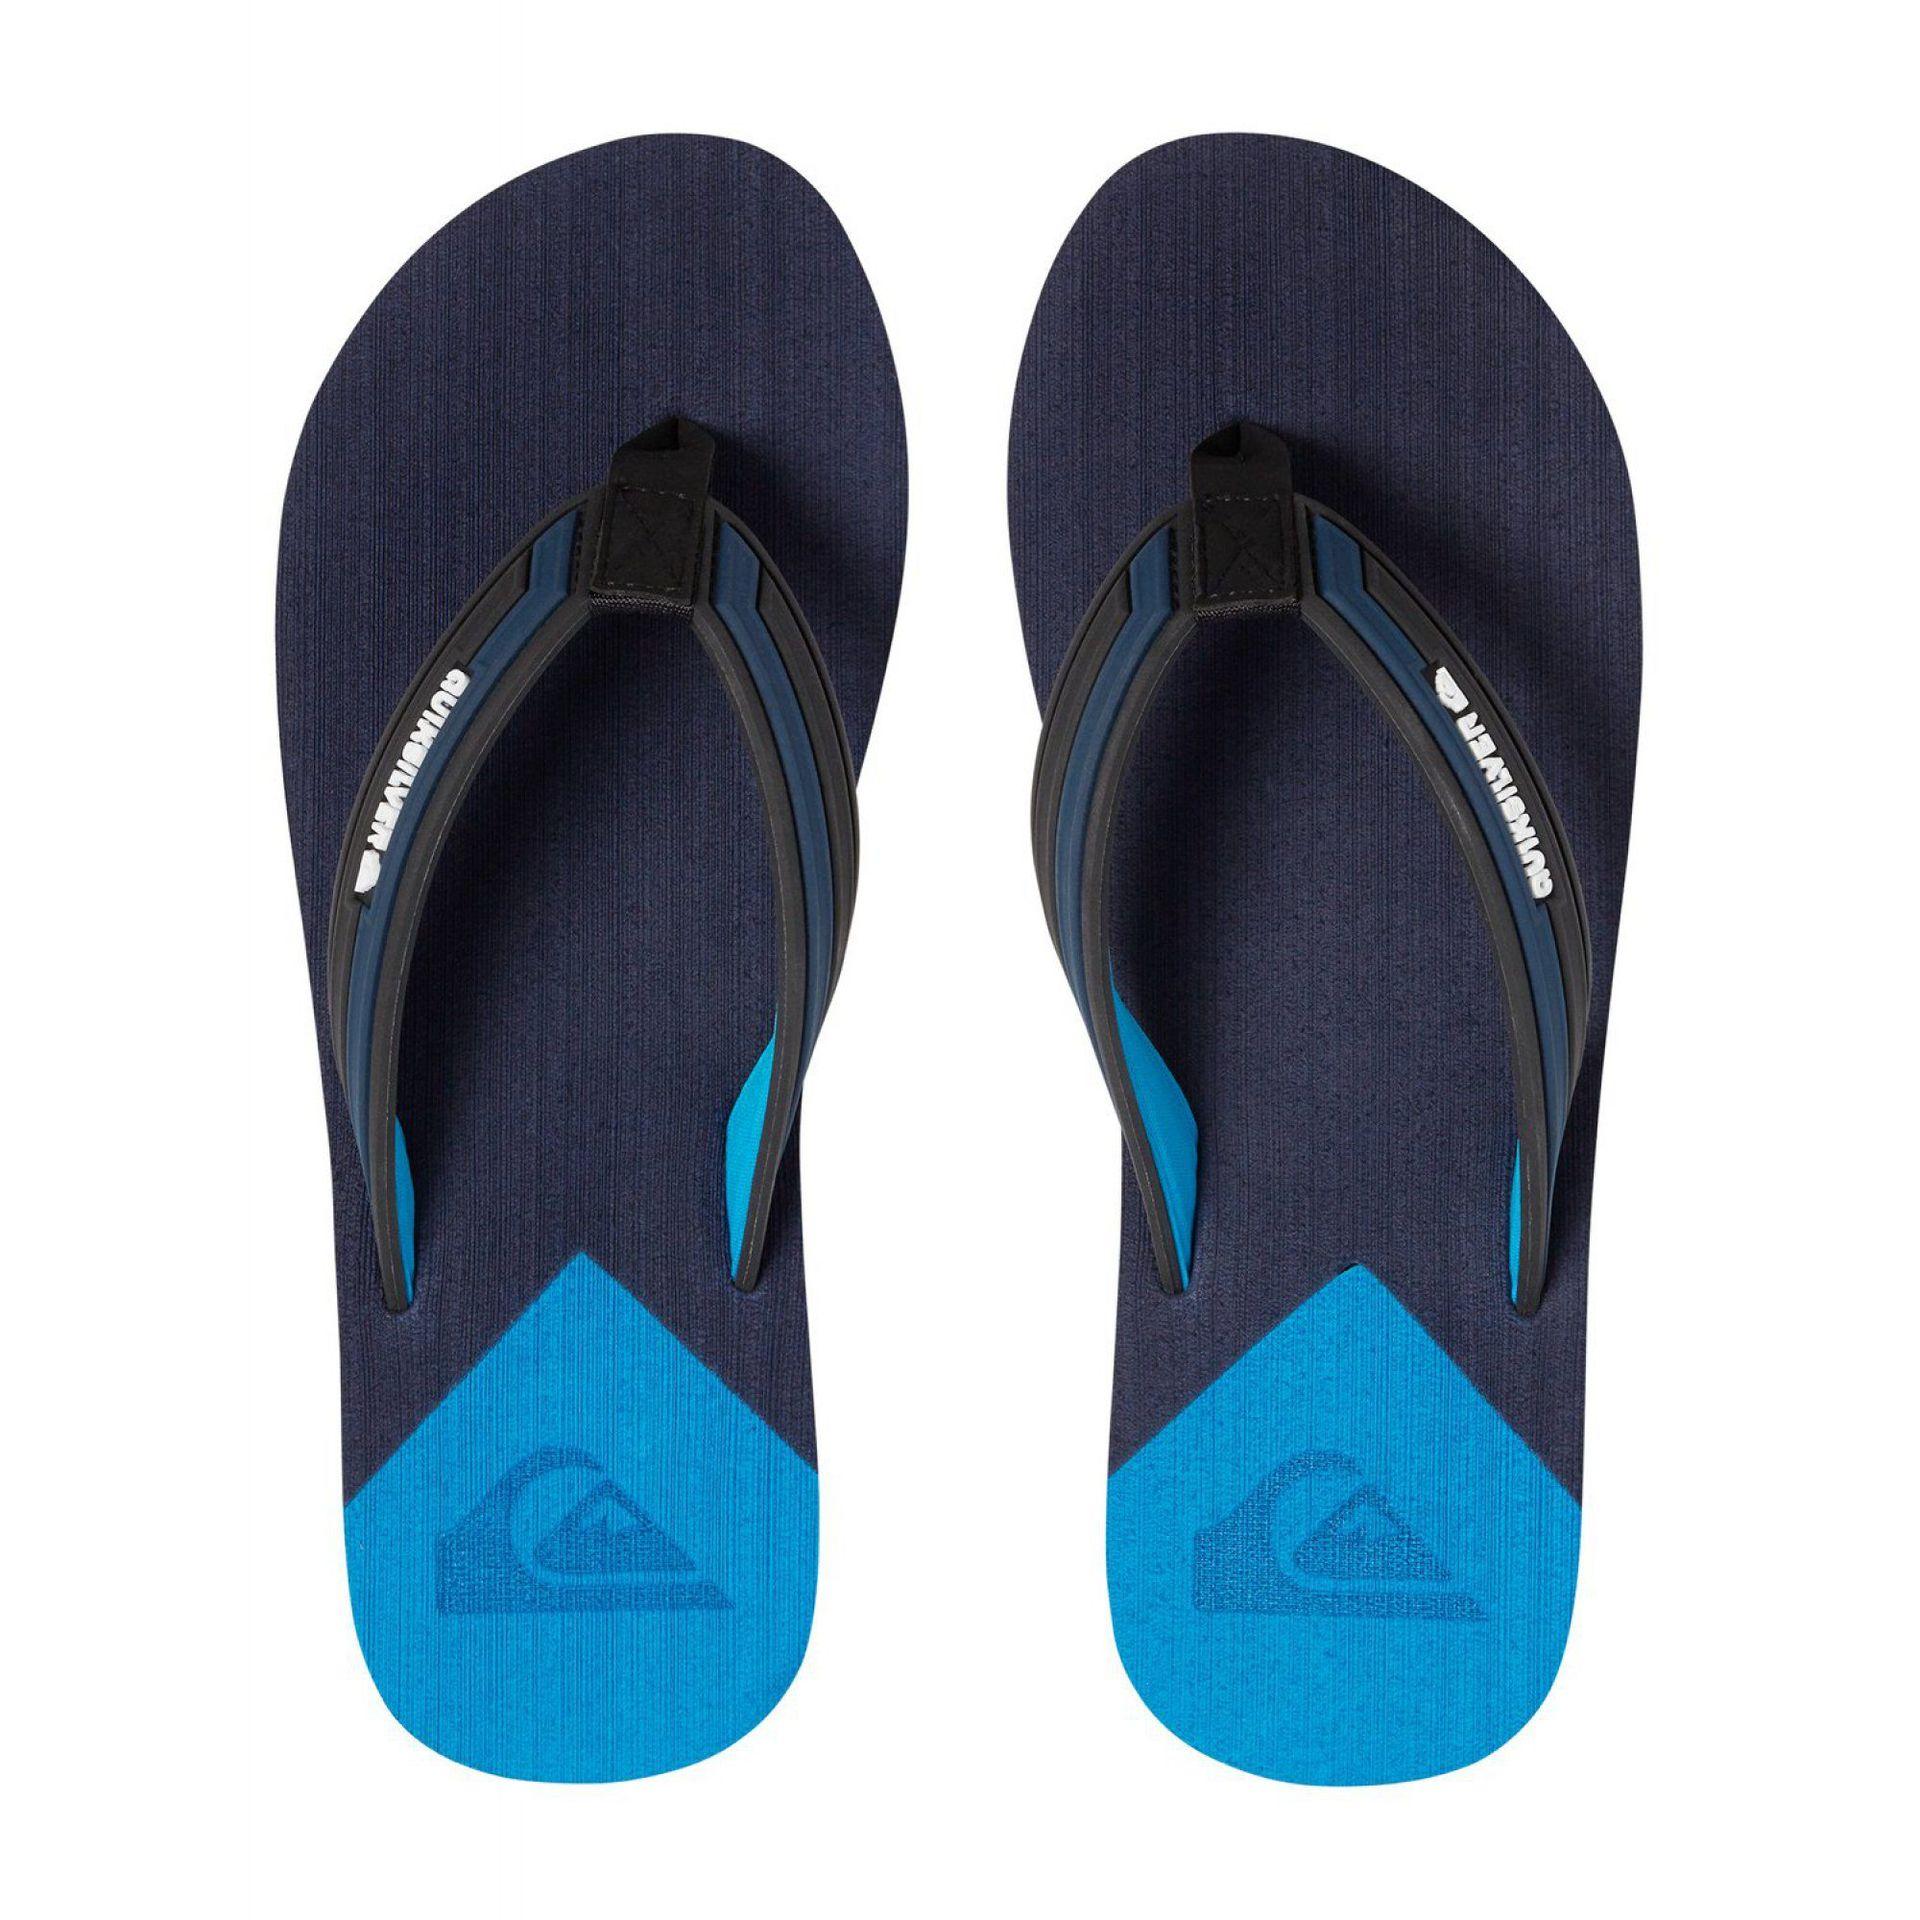 KLAPKI QUIKSILVER MOLOKAI DELUXE BLACK BLUE BLUE 2